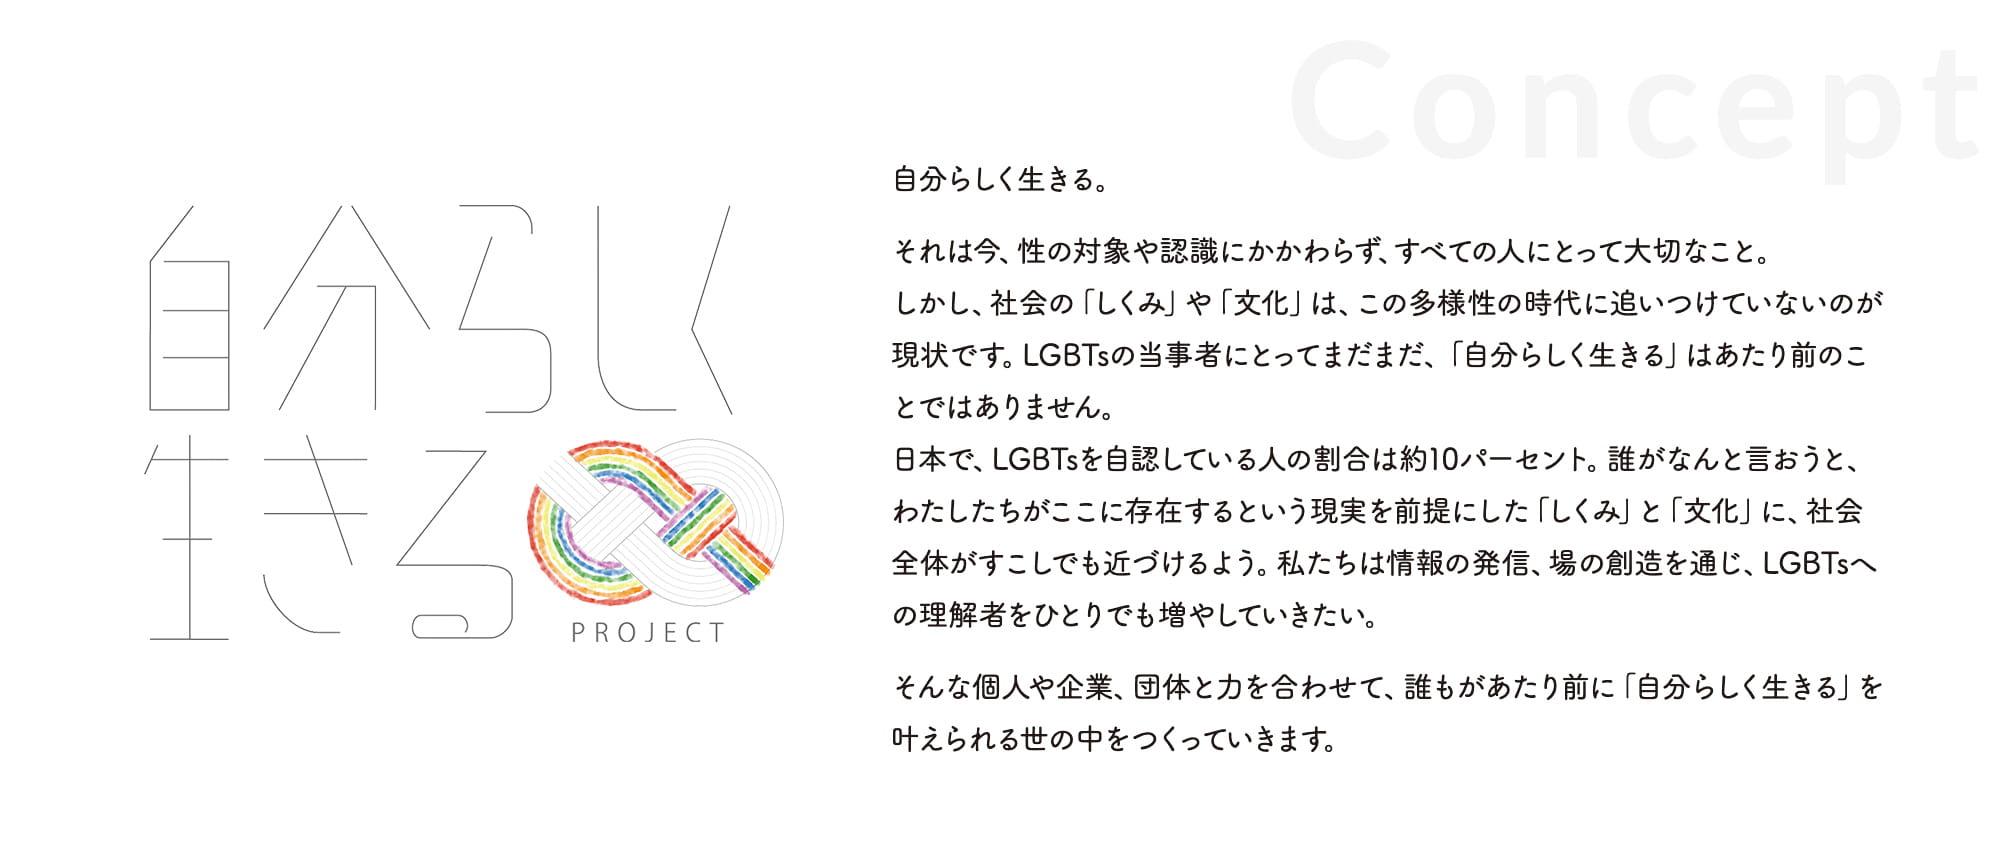 自分らしく生きる。それは今、性の対象や認識にかかわらず、すべての人にとって大切なこと。しかし、社会の「しくみ」や「文化」は、この多様性の時代に追いつけていないのが現状です。LGBTsの当事者にとってまだまだ、「自分らしく生きる」はあたり前のことではありません。日本で、LGBTsを自認している人の割合は約10パーセント。誰がなんと言おうと、わたしたちがここに存在するという現実を前提にした「しくみ」と「文化」に、社会全体がすこしでも近づけるよう。私たちは情報の発信、場の創造を通じ、LGBTsへの理解者をひとりでも増やしていきたい。そんな個人や企業、団体と力を合わせて、誰もがあたり前に「自分らしく生きる」を叶えられる世の中をつくっていきます。